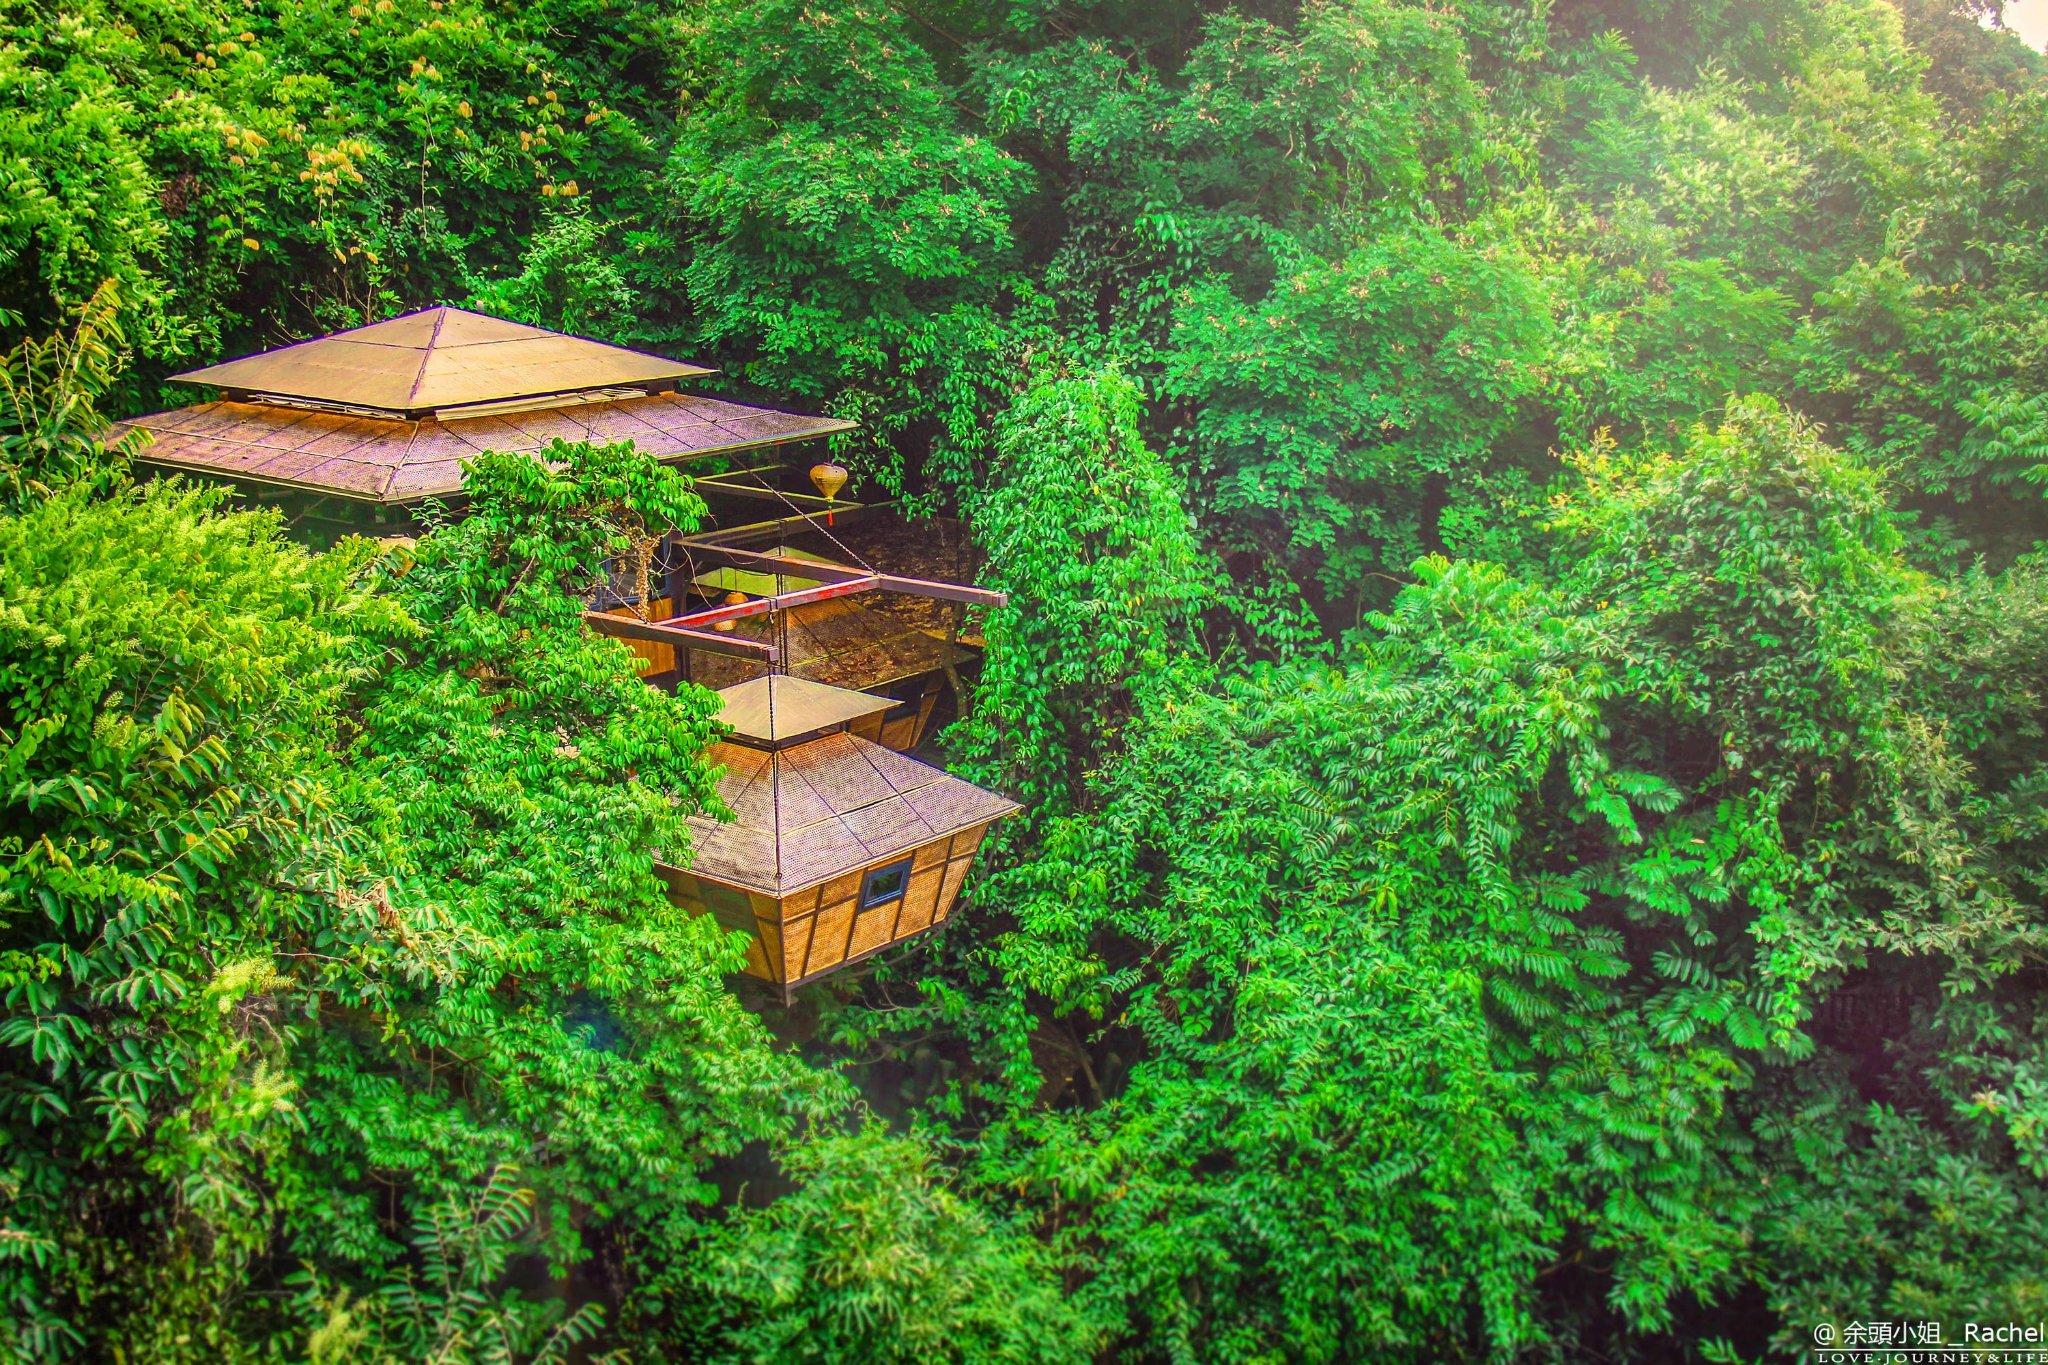 住温泉树屋,听泉水叮咚,在九州驿站尽享返璞归真的栖息之旅!